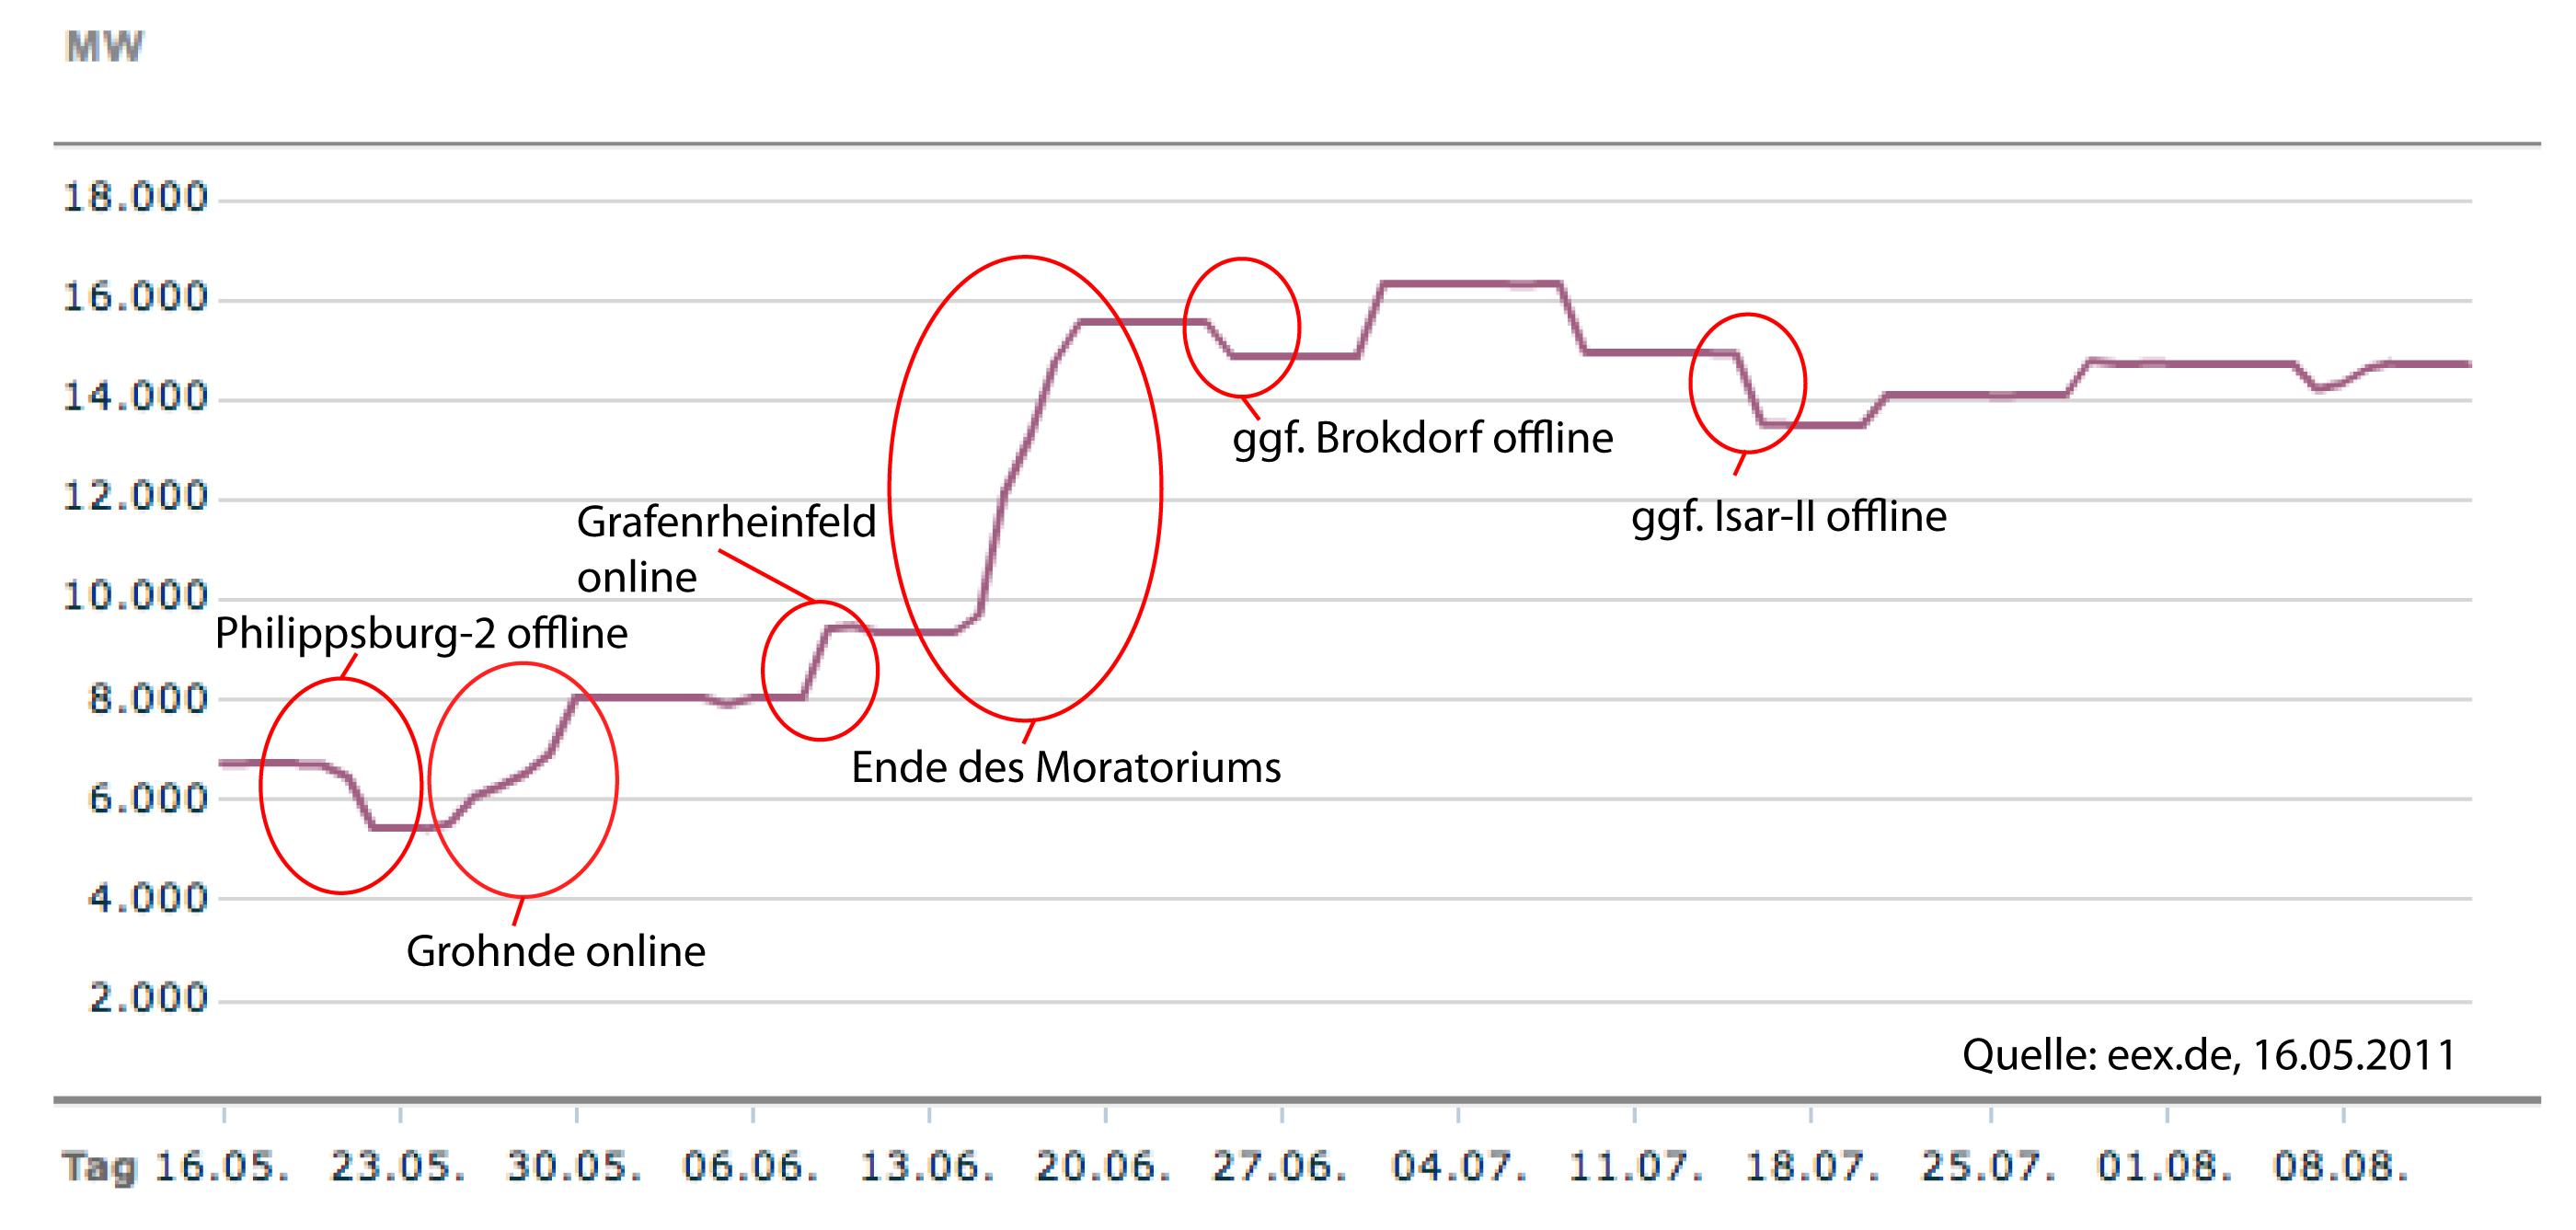 Verfügbare Leistung aus AKWs in Deutschland, 16.05.2011